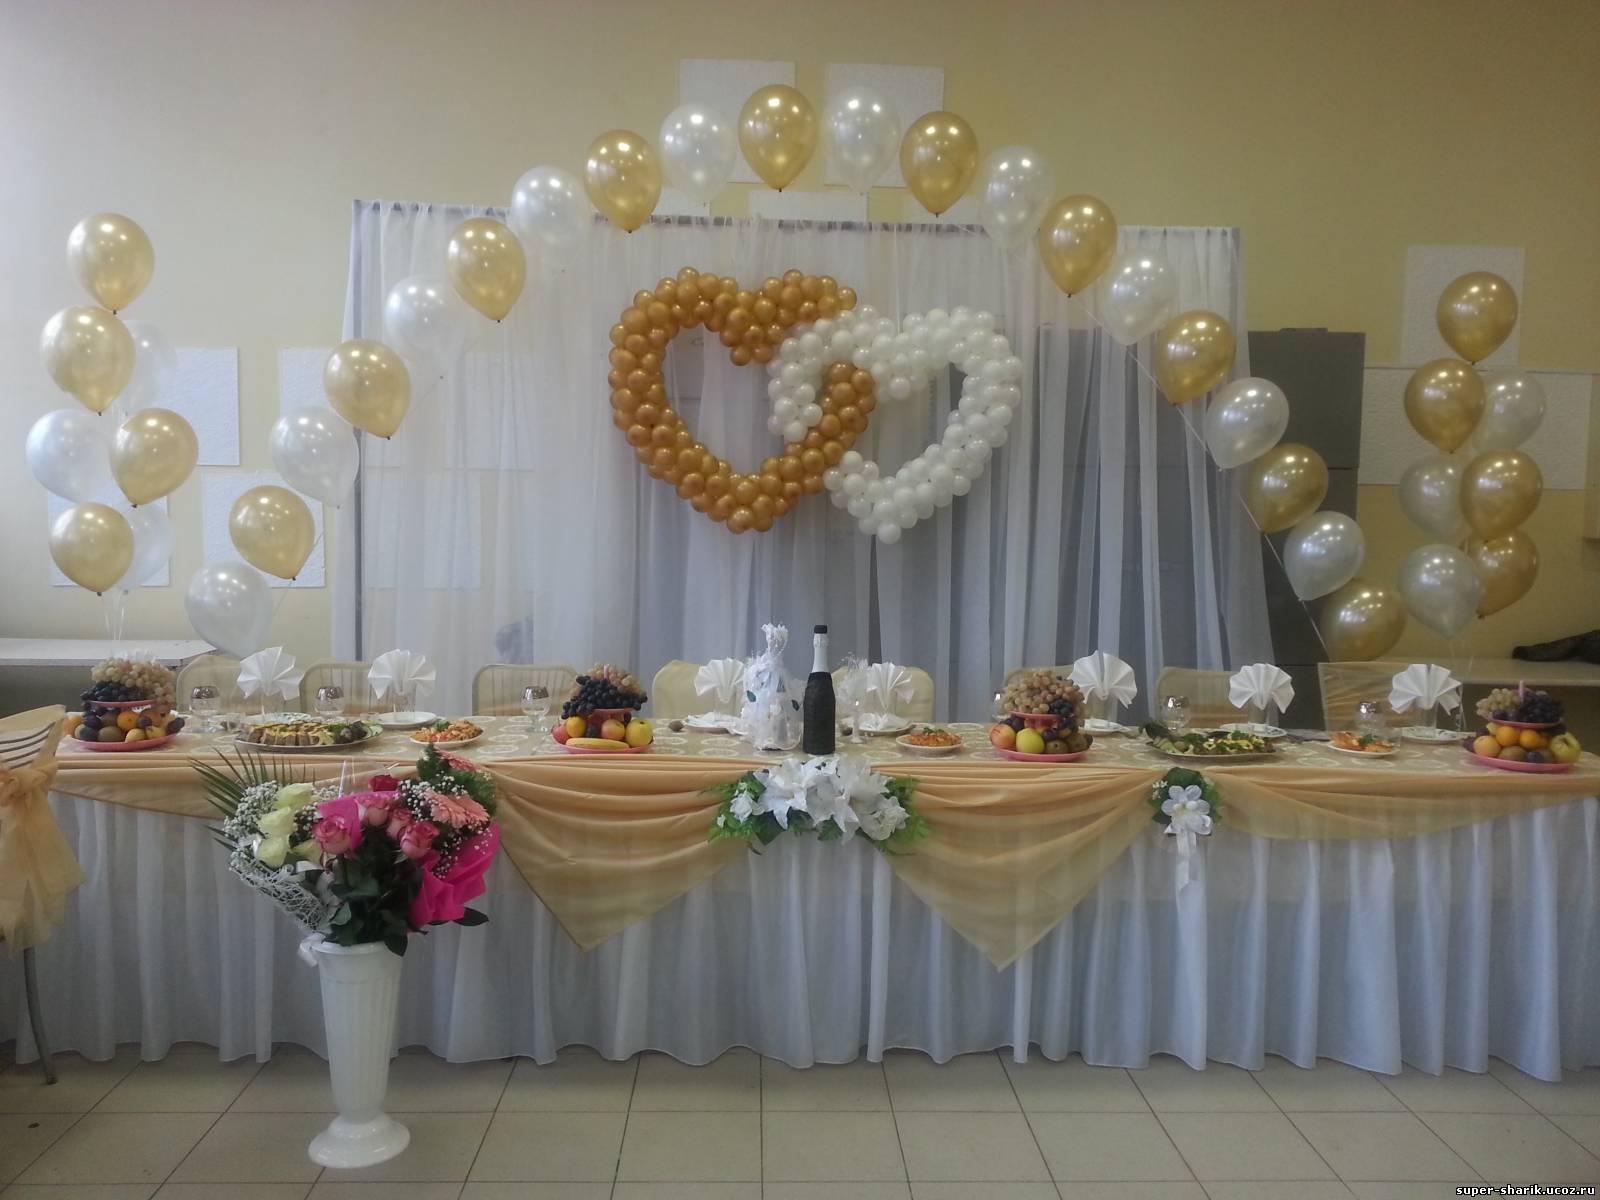 Шары на свадьбе: 40 идей с фото Снова Праздник! 33